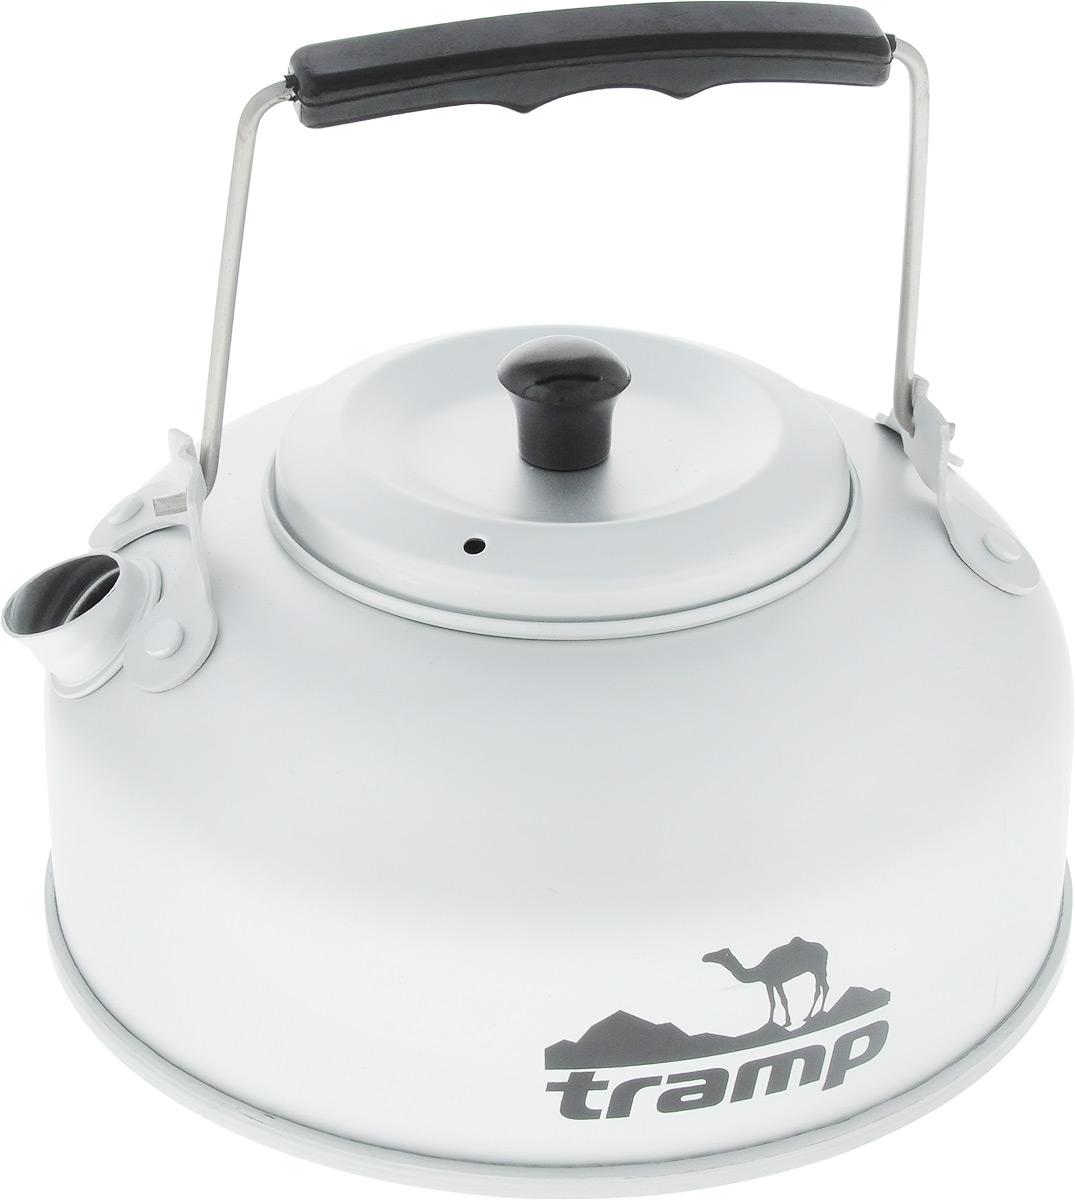 Чайник походный Tramp, с заварником, 0,9 лTRC-038Чайник Tramp имеет специальное сито для заварки, что делает приготовление чая более удобным. Плоская форма дна позволяет быстро нагреть воду, складная ручка и небольшой вес алюминия делает чайник особенно удобным для перевозки. В комплект прилагается чехол для хранения. Объем: 900 л. Высота без учета ручки: 8 см. Диаметр дна: 15 см.